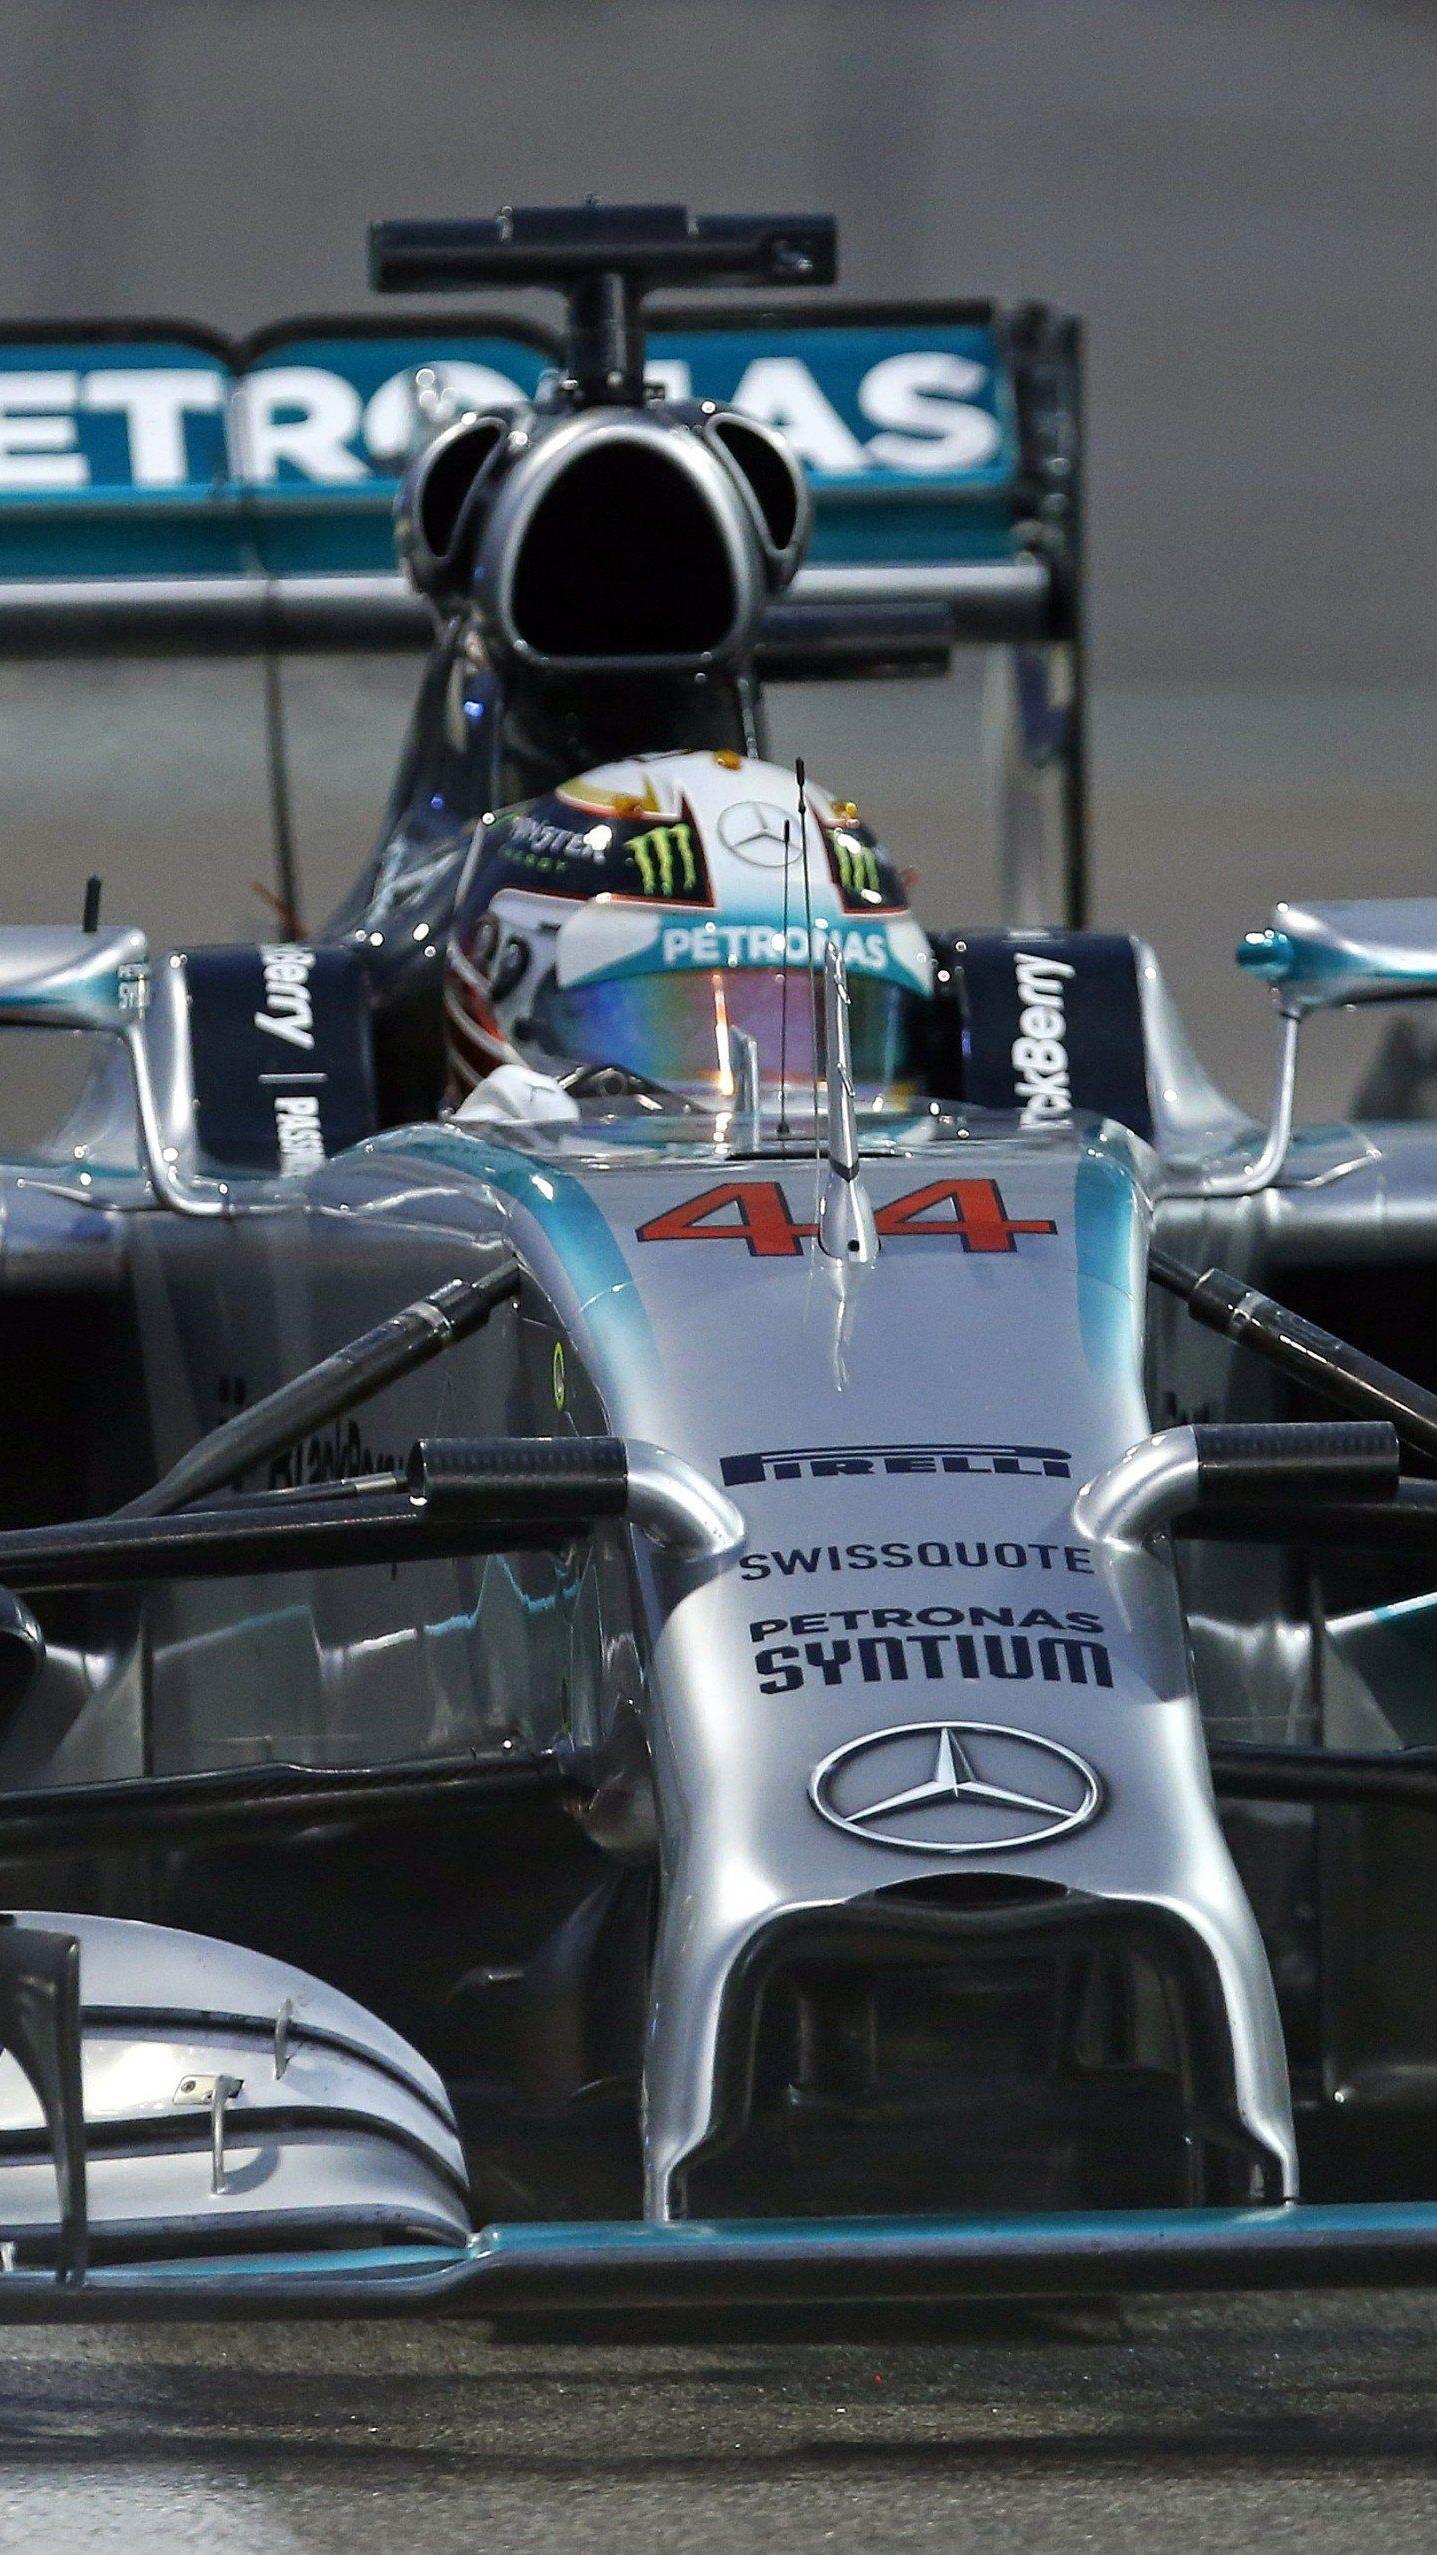 Lewis Hamilton sichert sich mit einem Sieg in Abu-Dhabi seinen zweiten WM-Titel nach 2008.